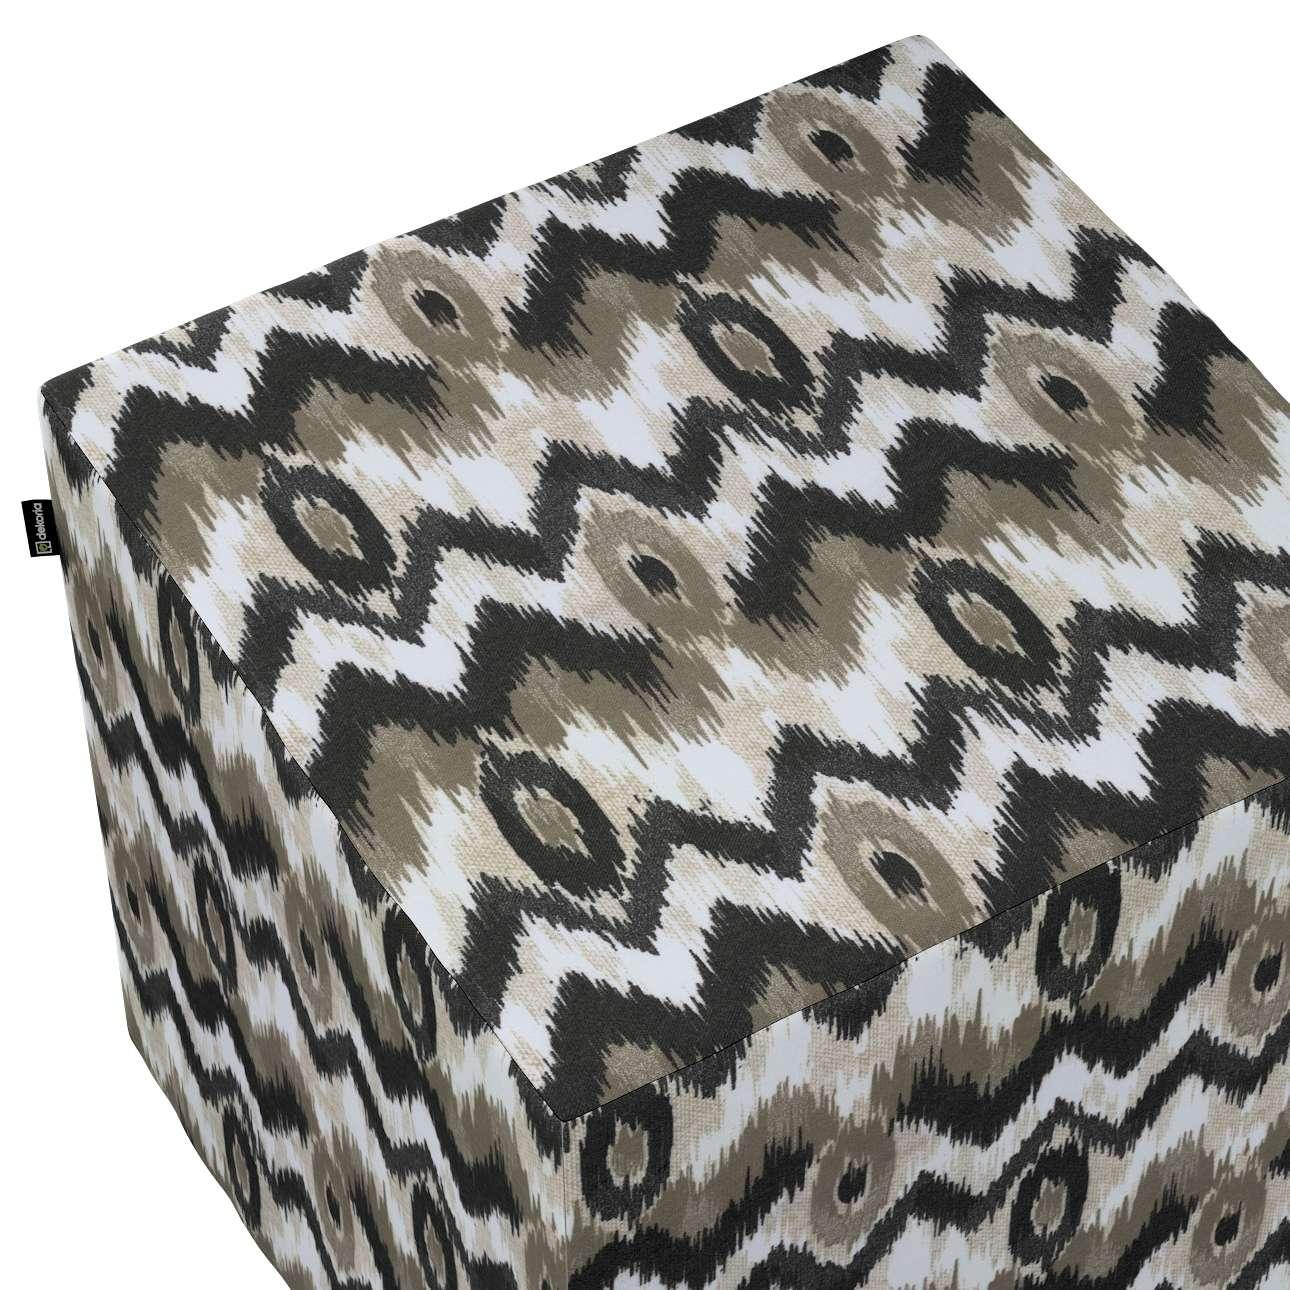 Taburetka tvrdá, kocka V kolekcii Modern, tkanina: 141-88